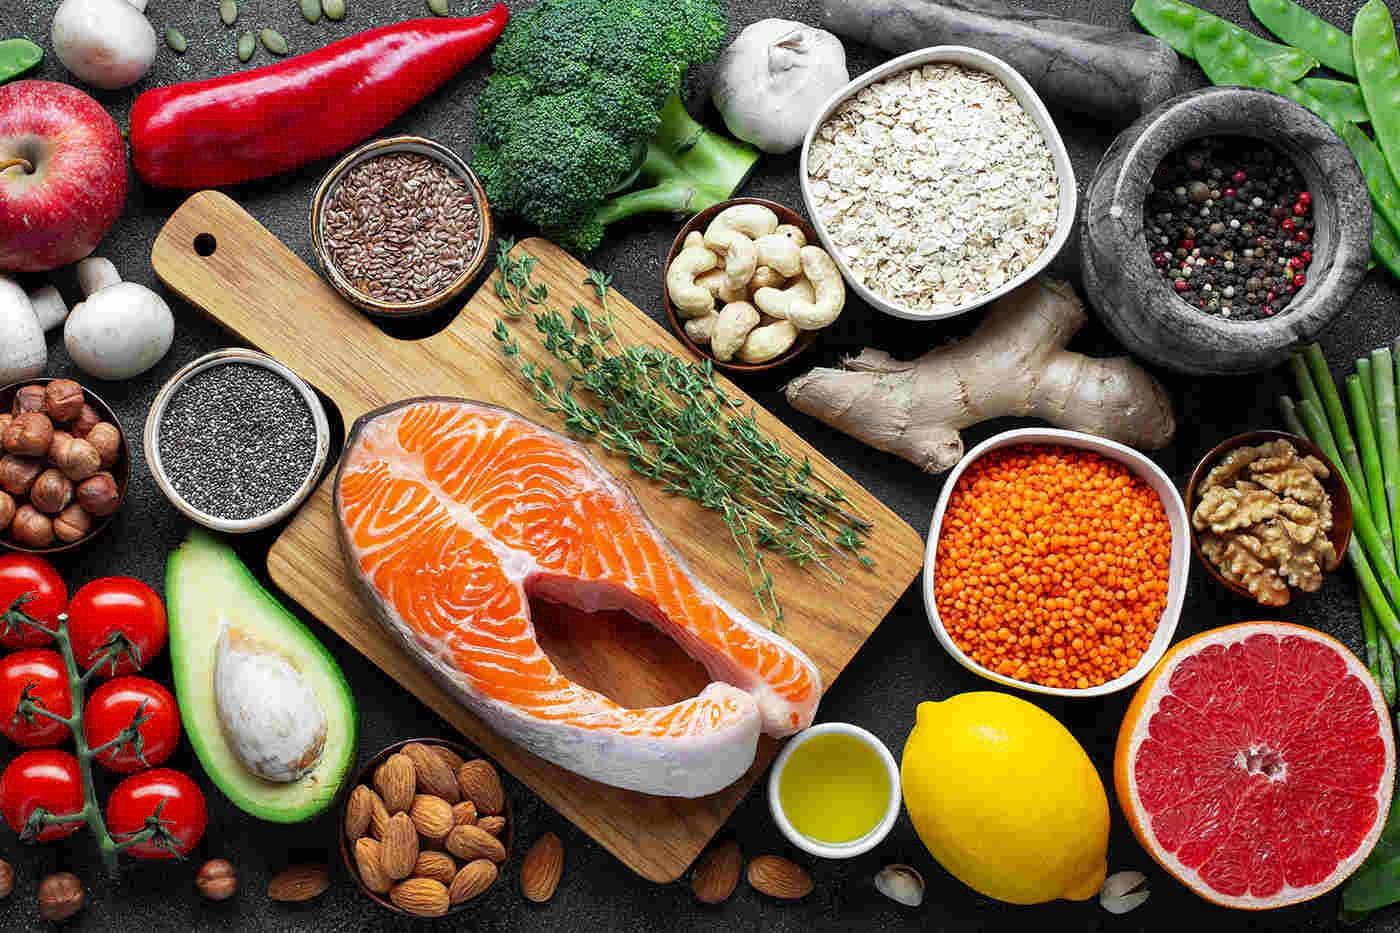 Consumul ridicat de fructe și legume scade riscul de diabet [studiu]